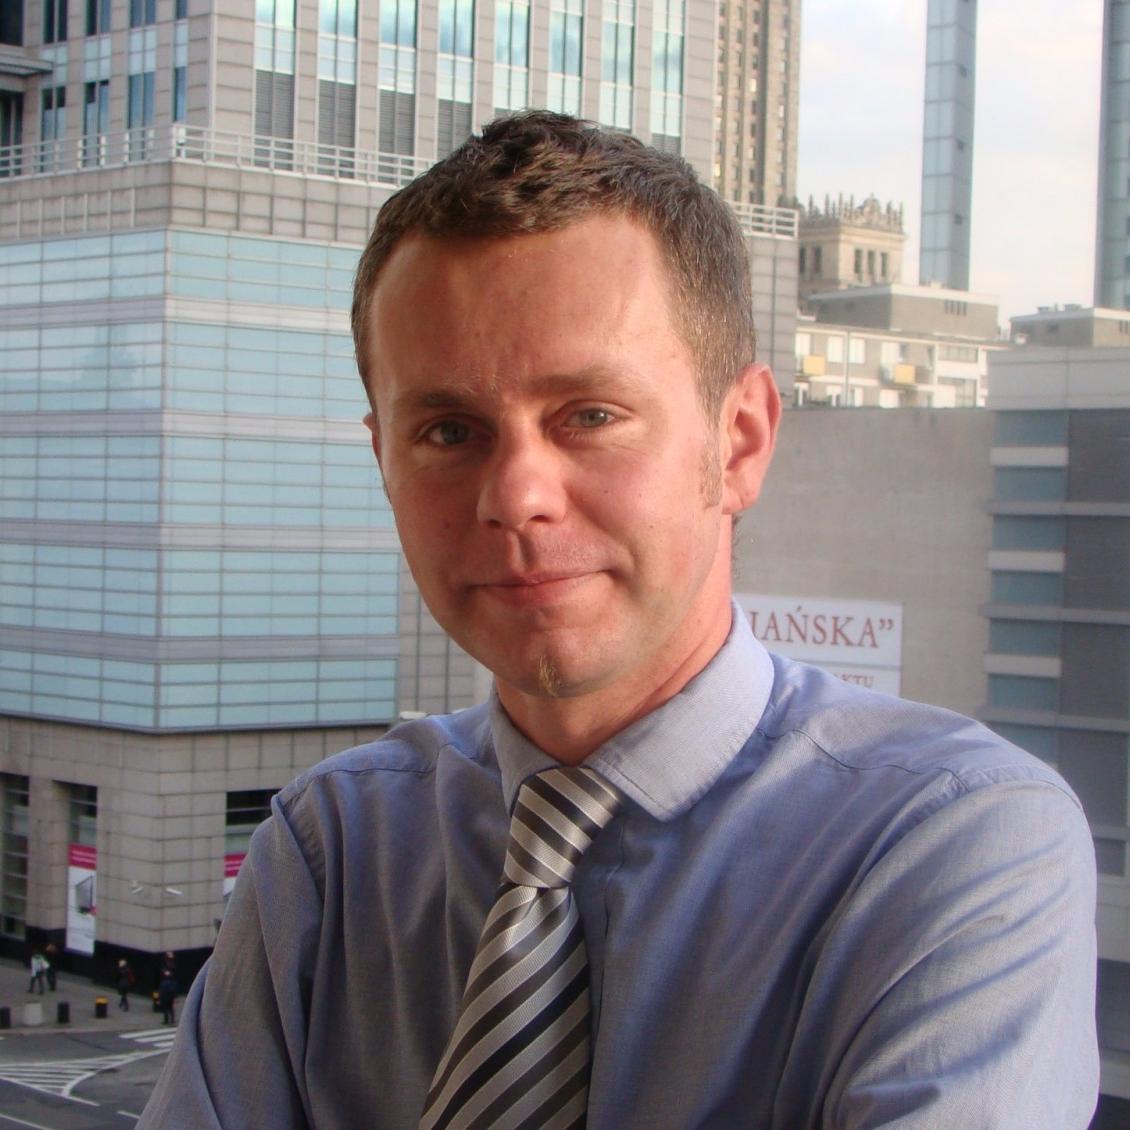 Grzegorz Suchodolski